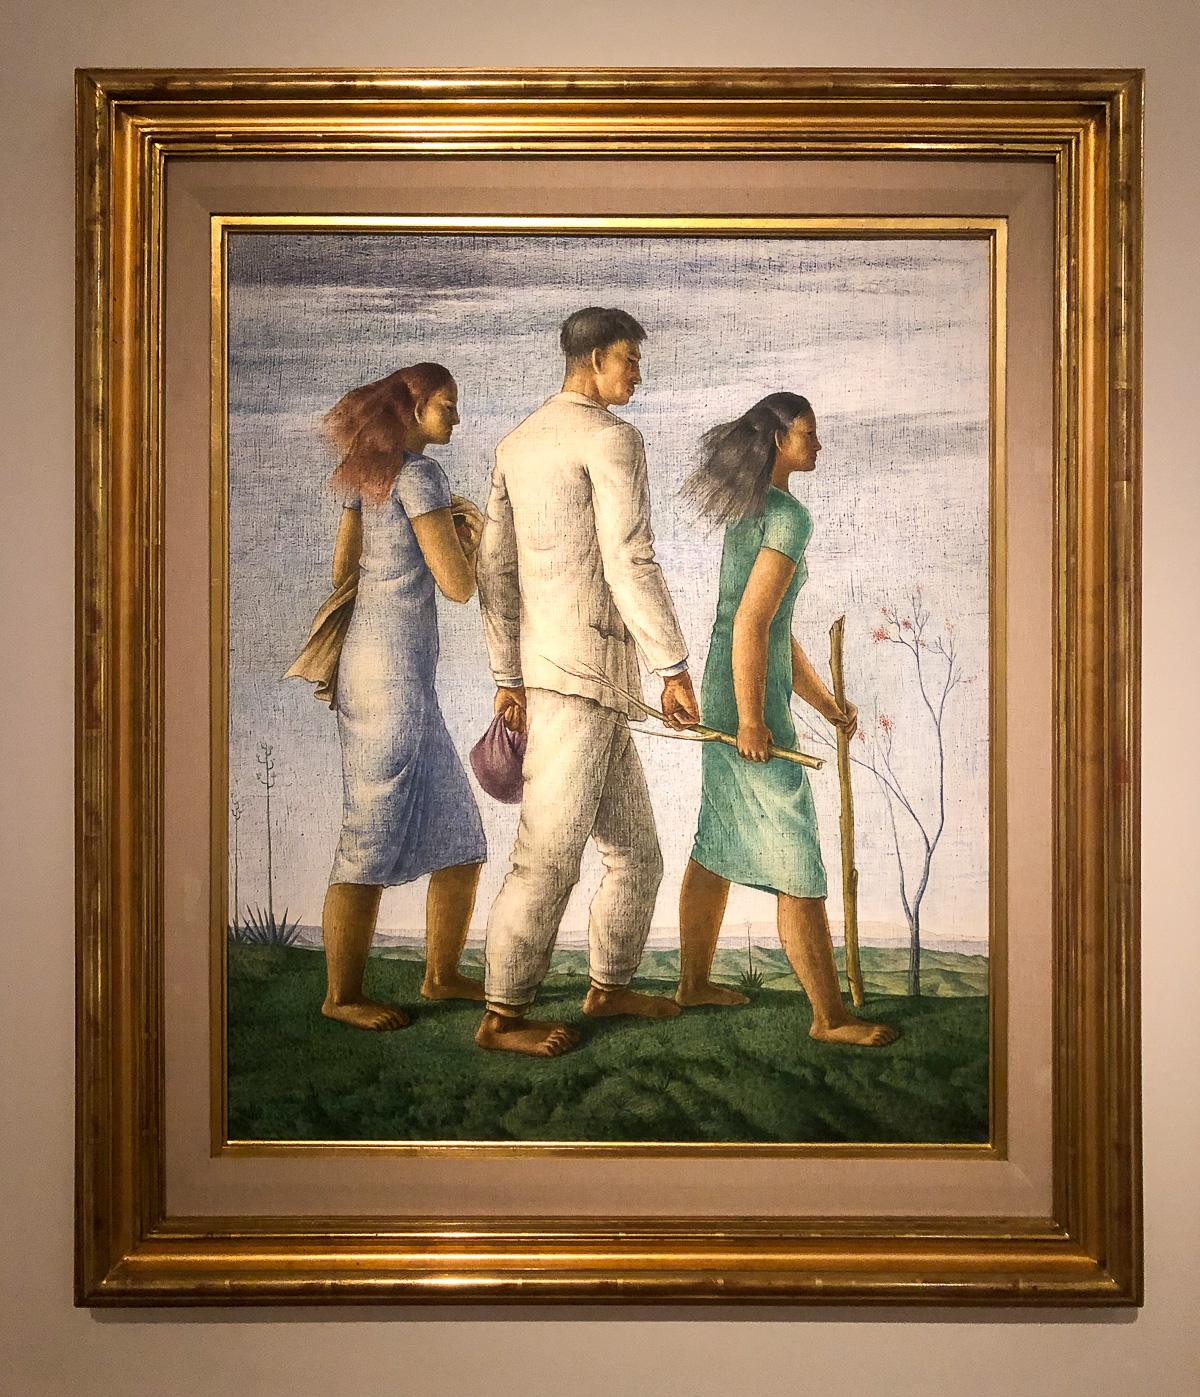 Эктор Полео. Три шагающие фигуры. 1943